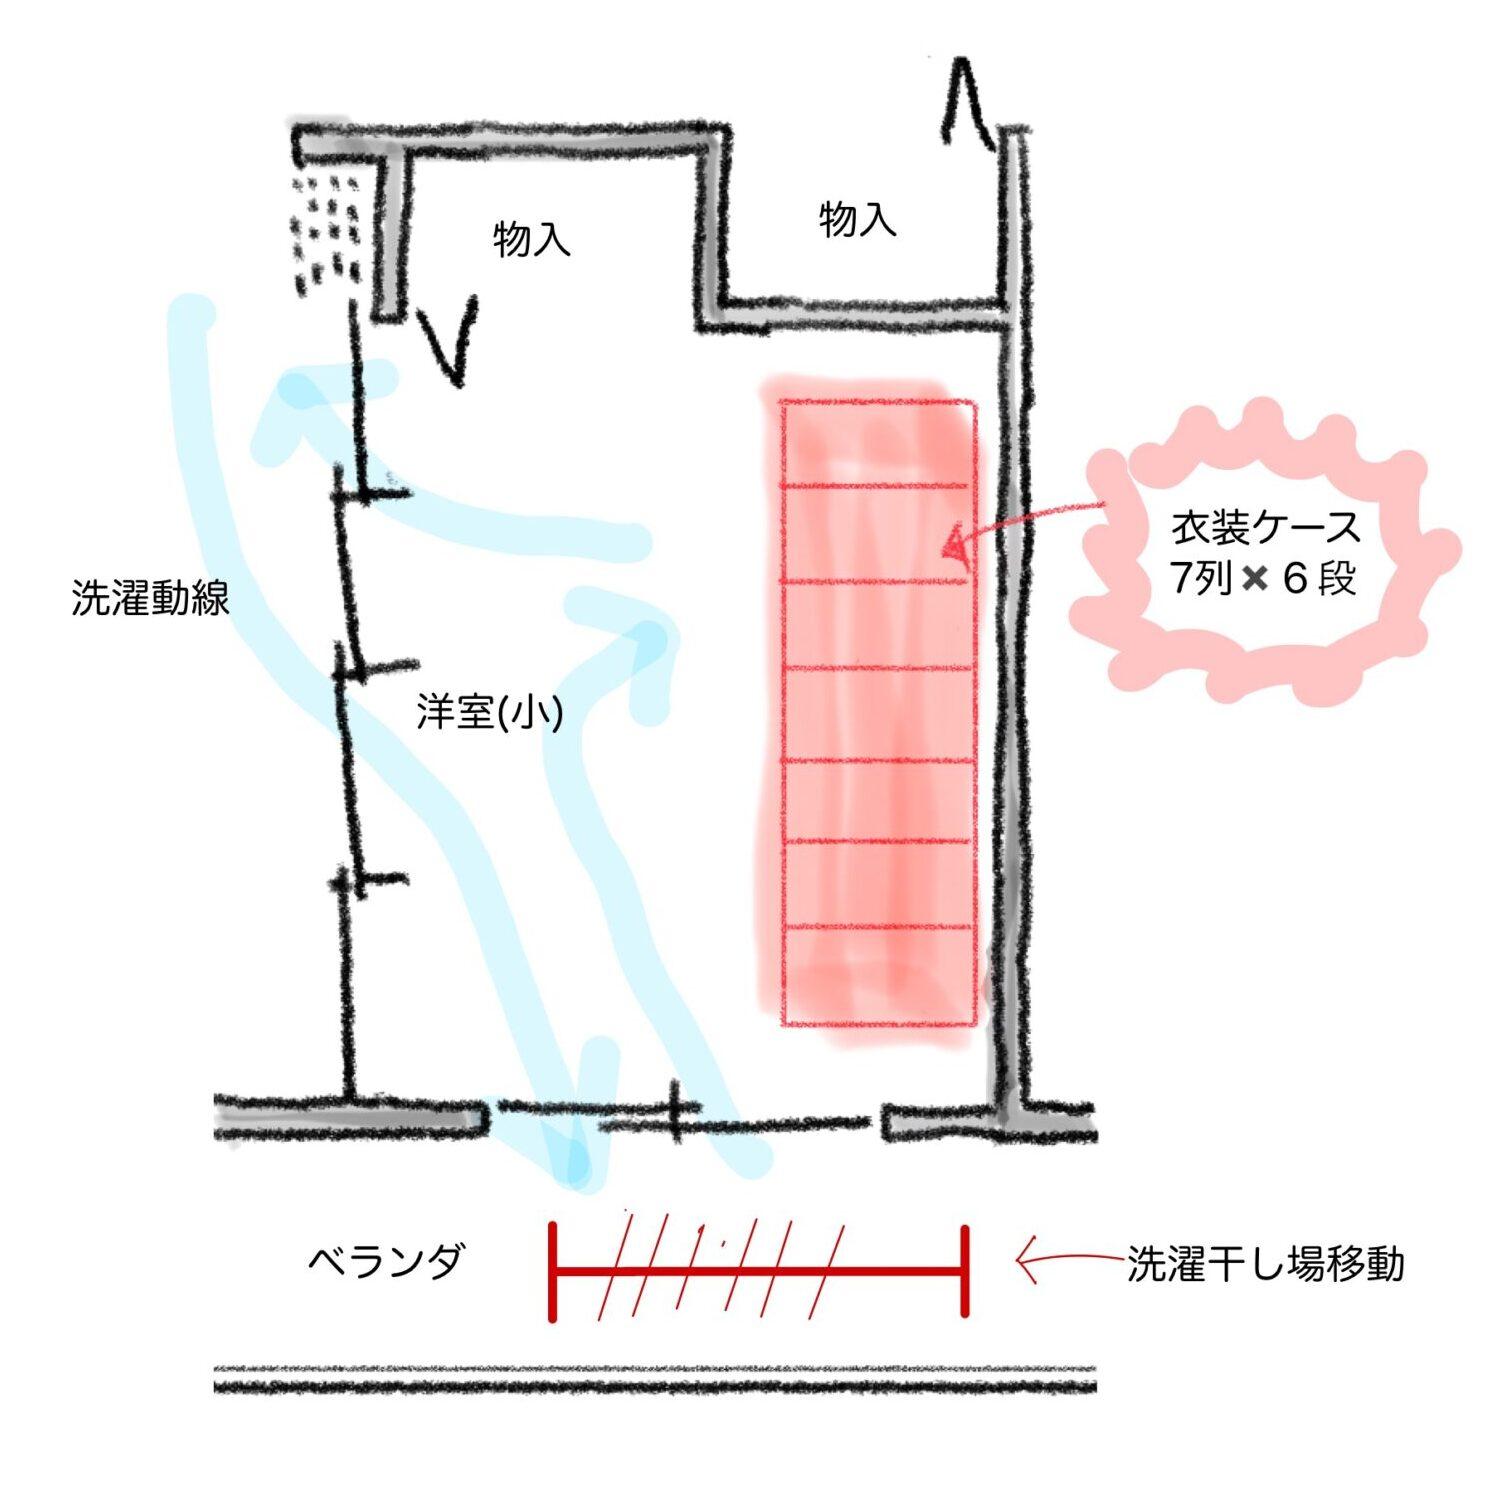 https://ouchikaeritai.com/2021/06/25/jitsurei-moyougae1/